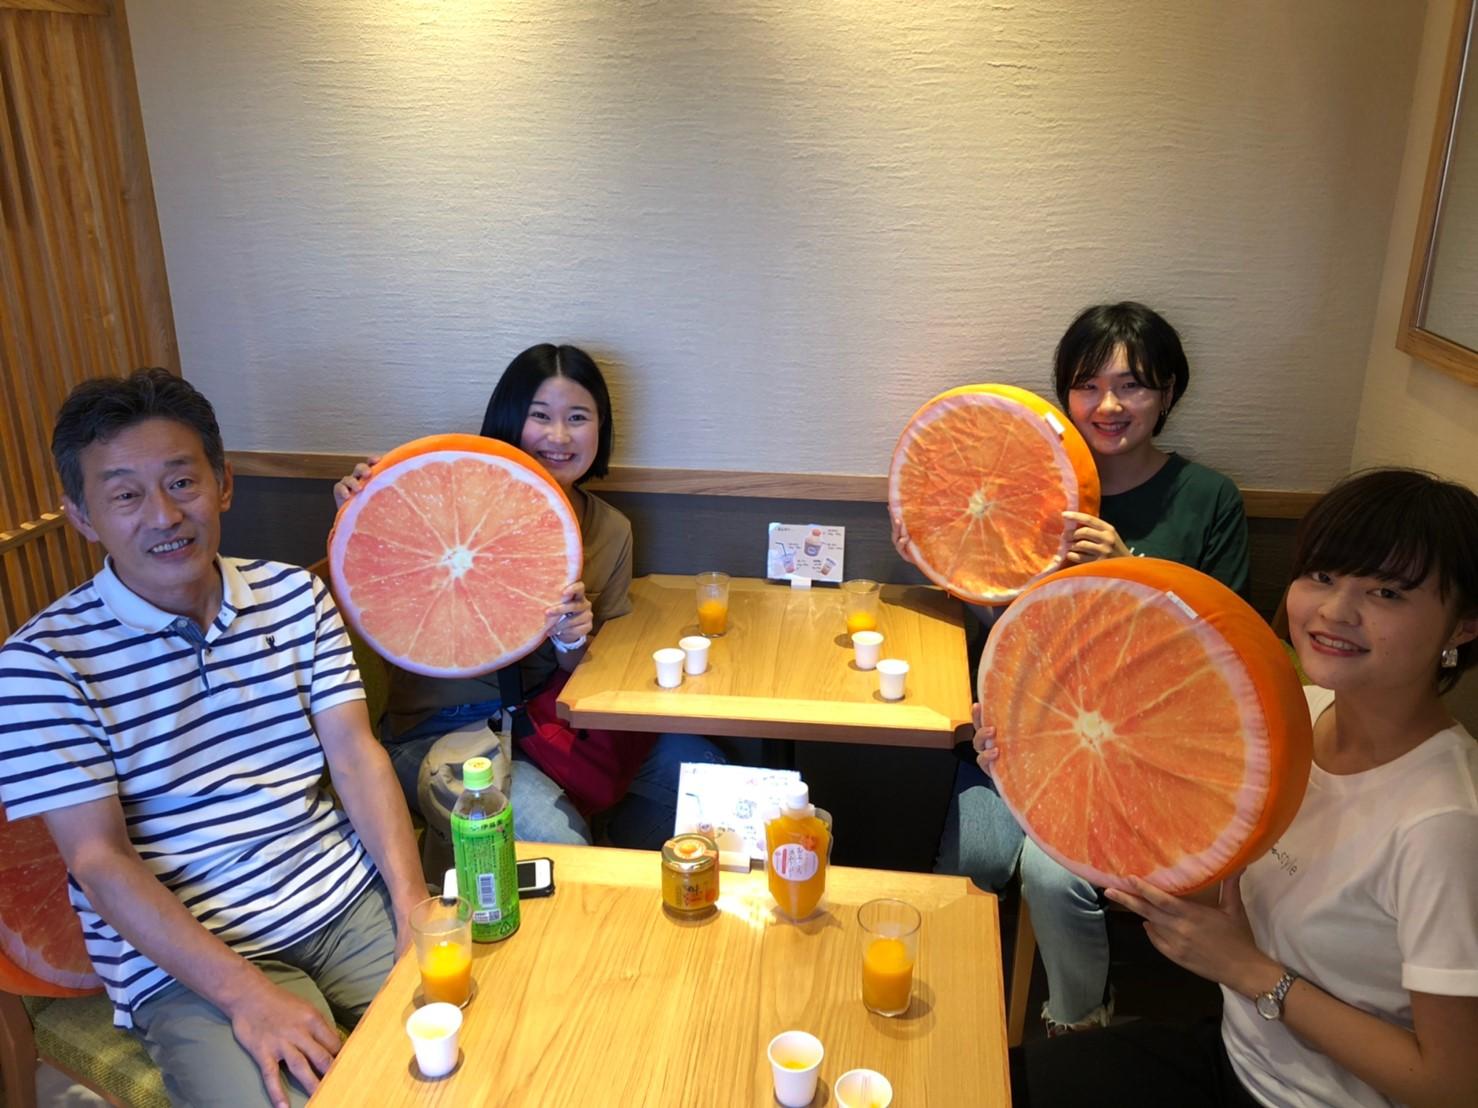 早和果樹園本社店のイートインスペースで休憩する同志社女子大の教授と学生さん